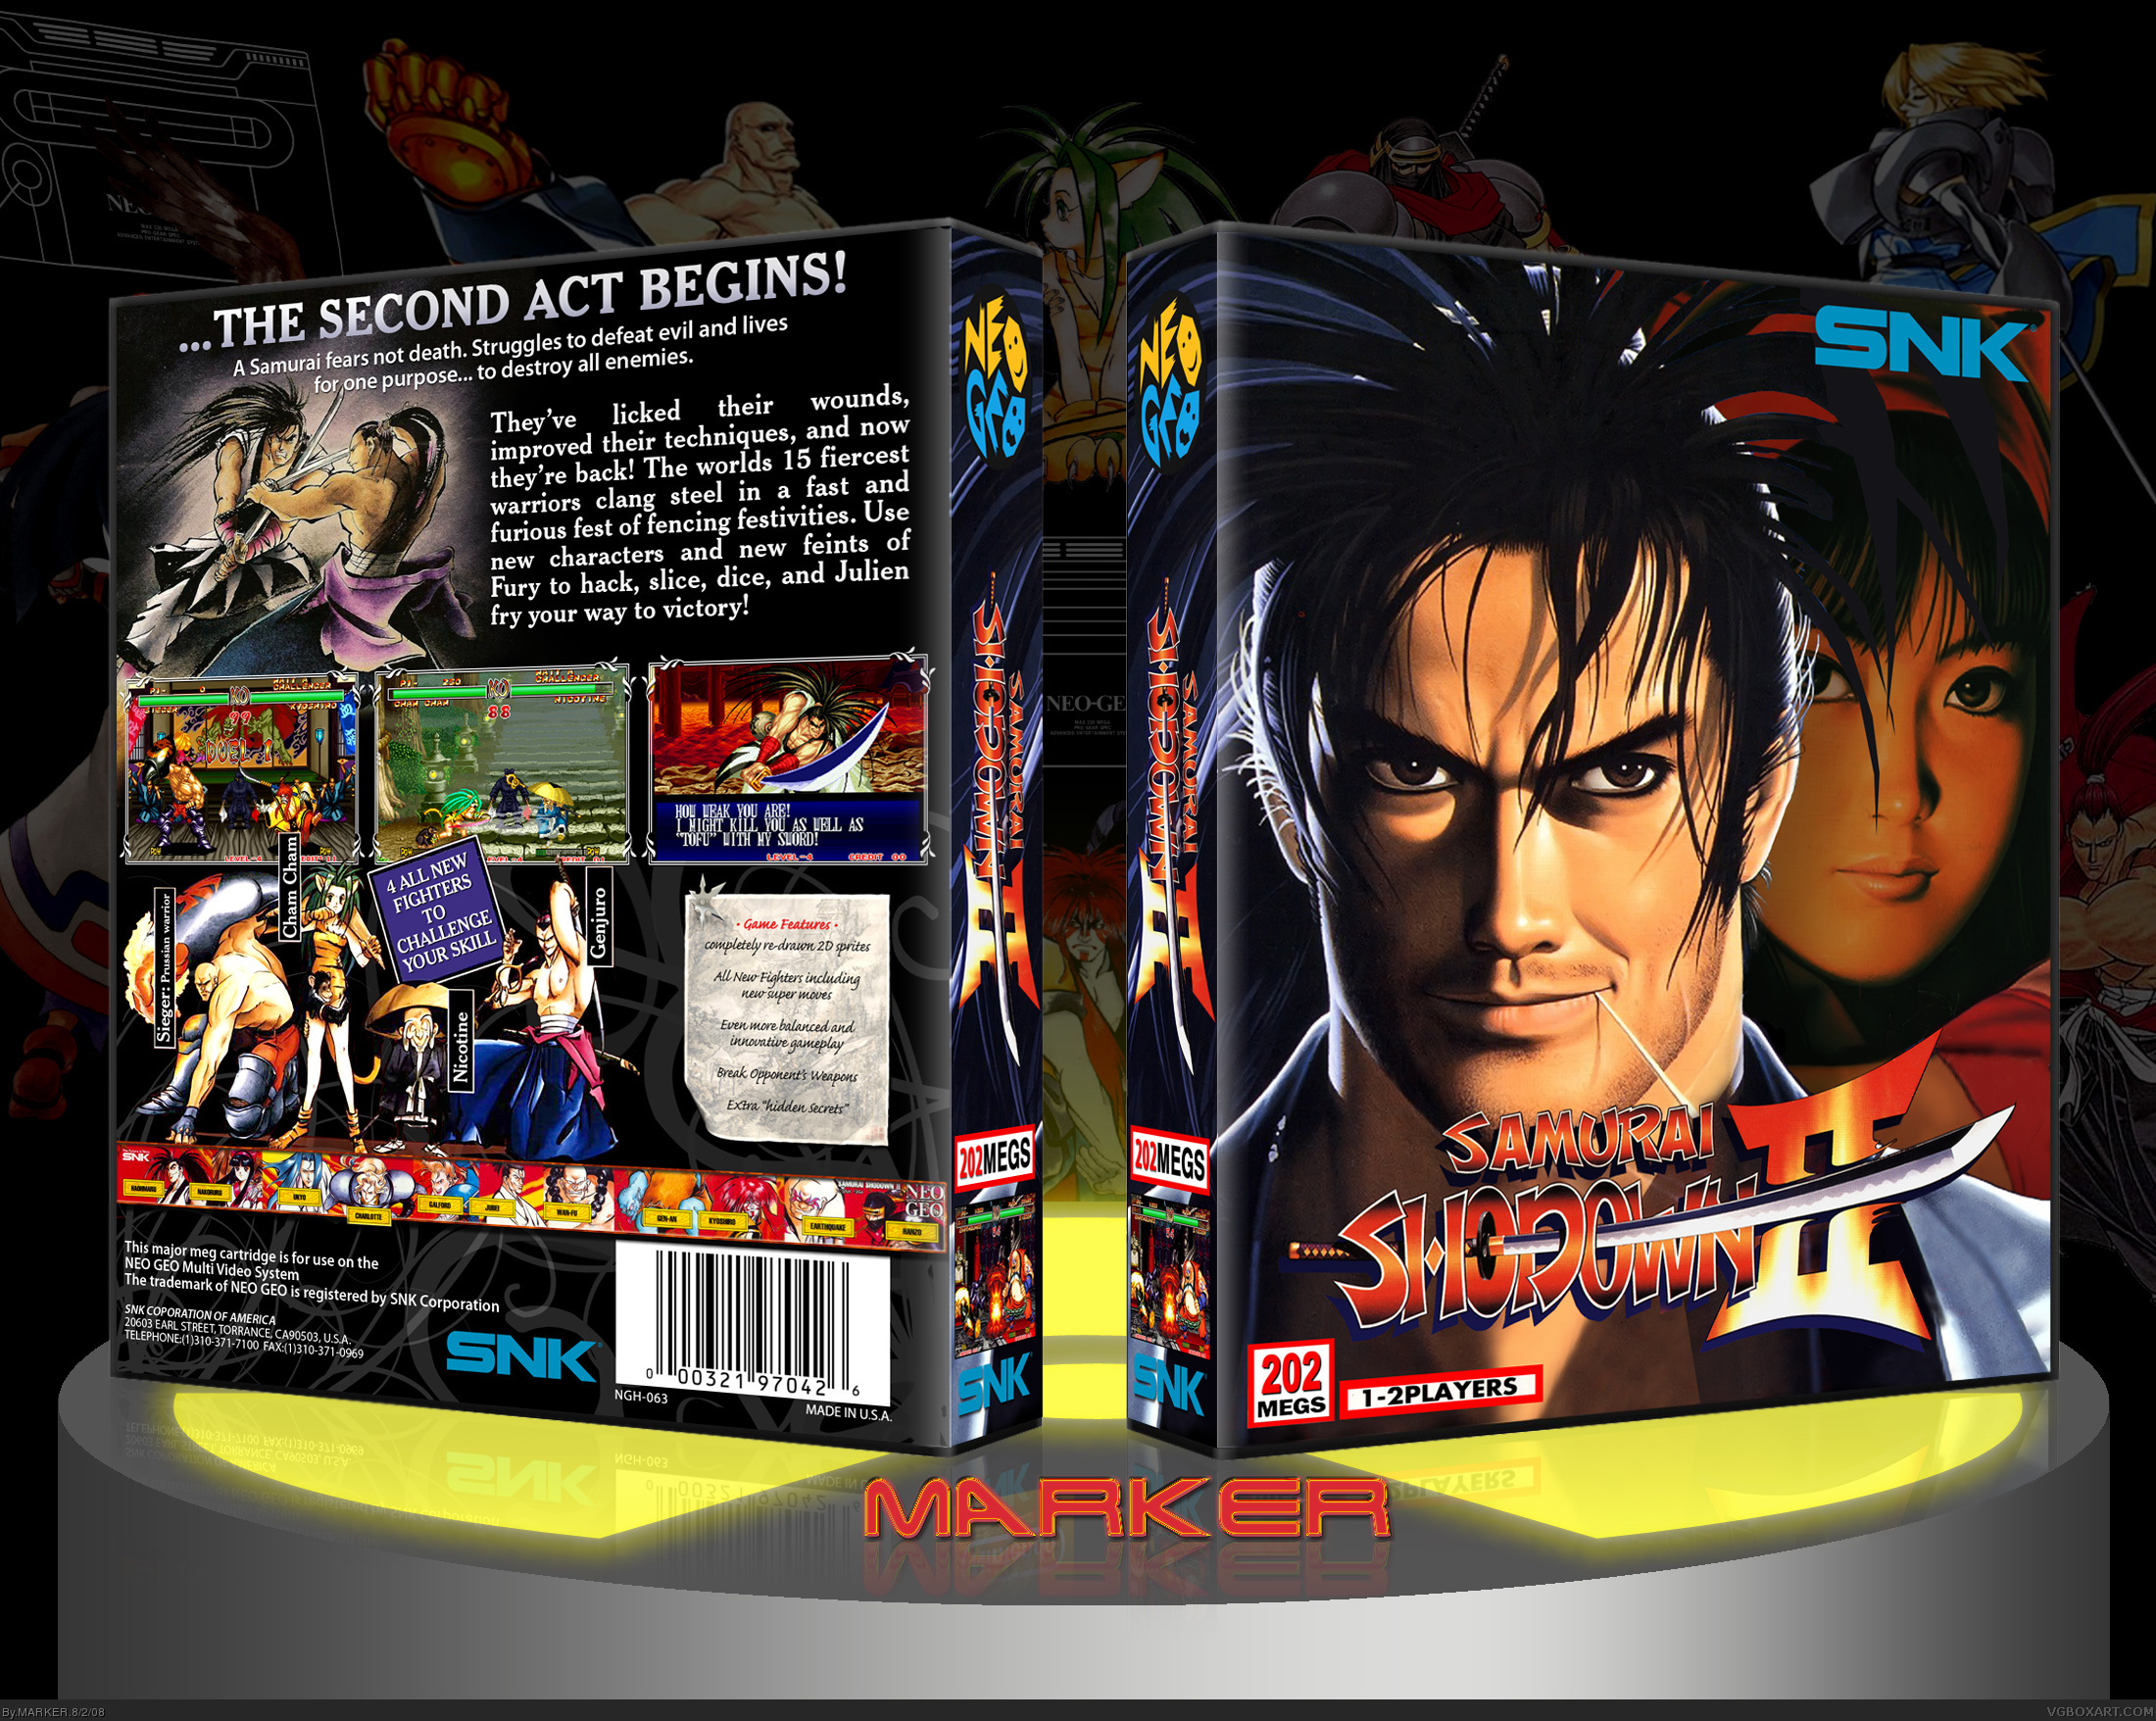 Viewing full size samurai shodown ii box cover